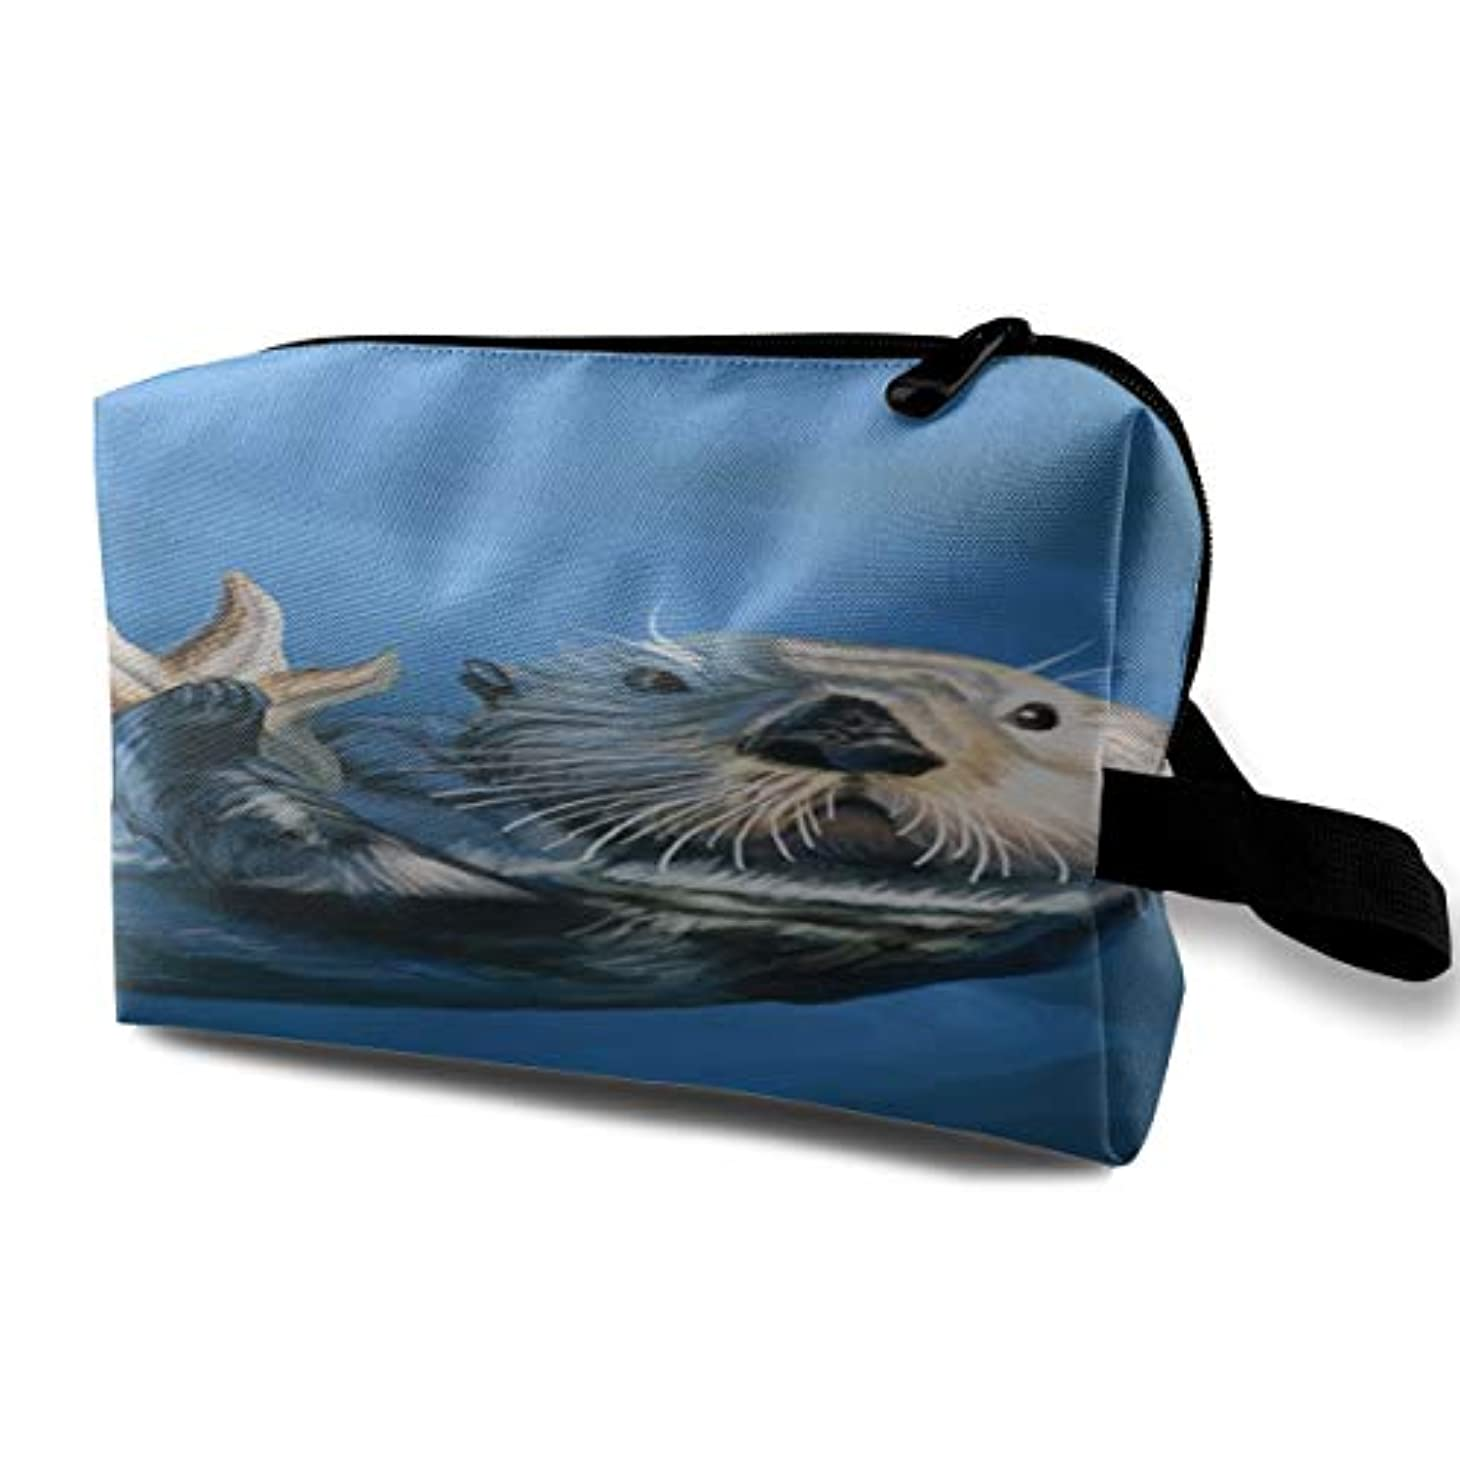 治療貧しいアクティブSea Otter 収納ポーチ 化粧ポーチ 大容量 軽量 耐久性 ハンドル付持ち運び便利。入れ 自宅?出張?旅行?アウトドア撮影などに対応。メンズ レディース トラベルグッズ